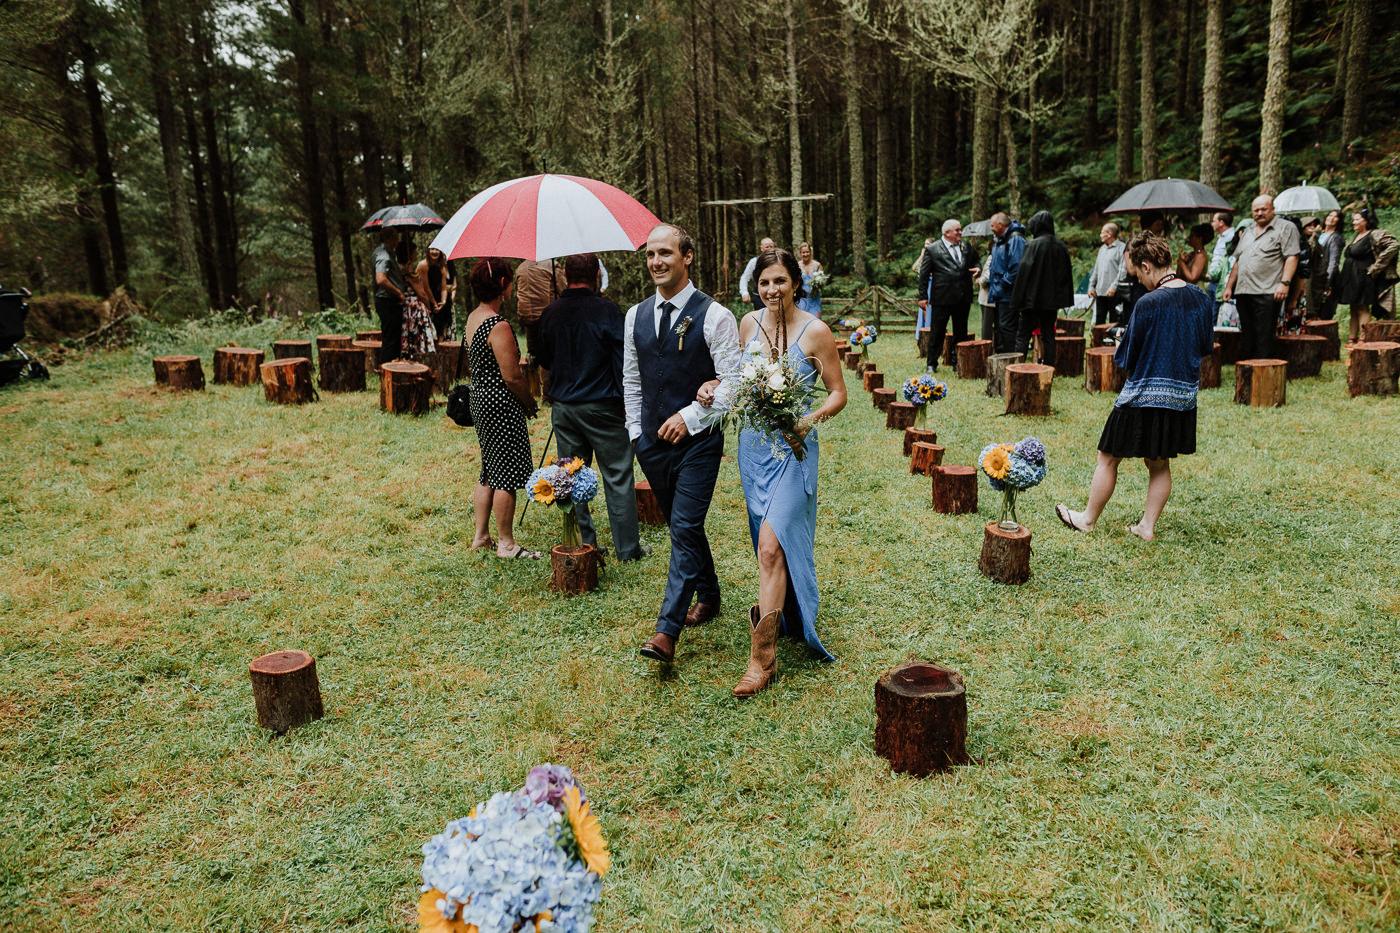 nz_wedding_photographer_gisborne-1146.jpg